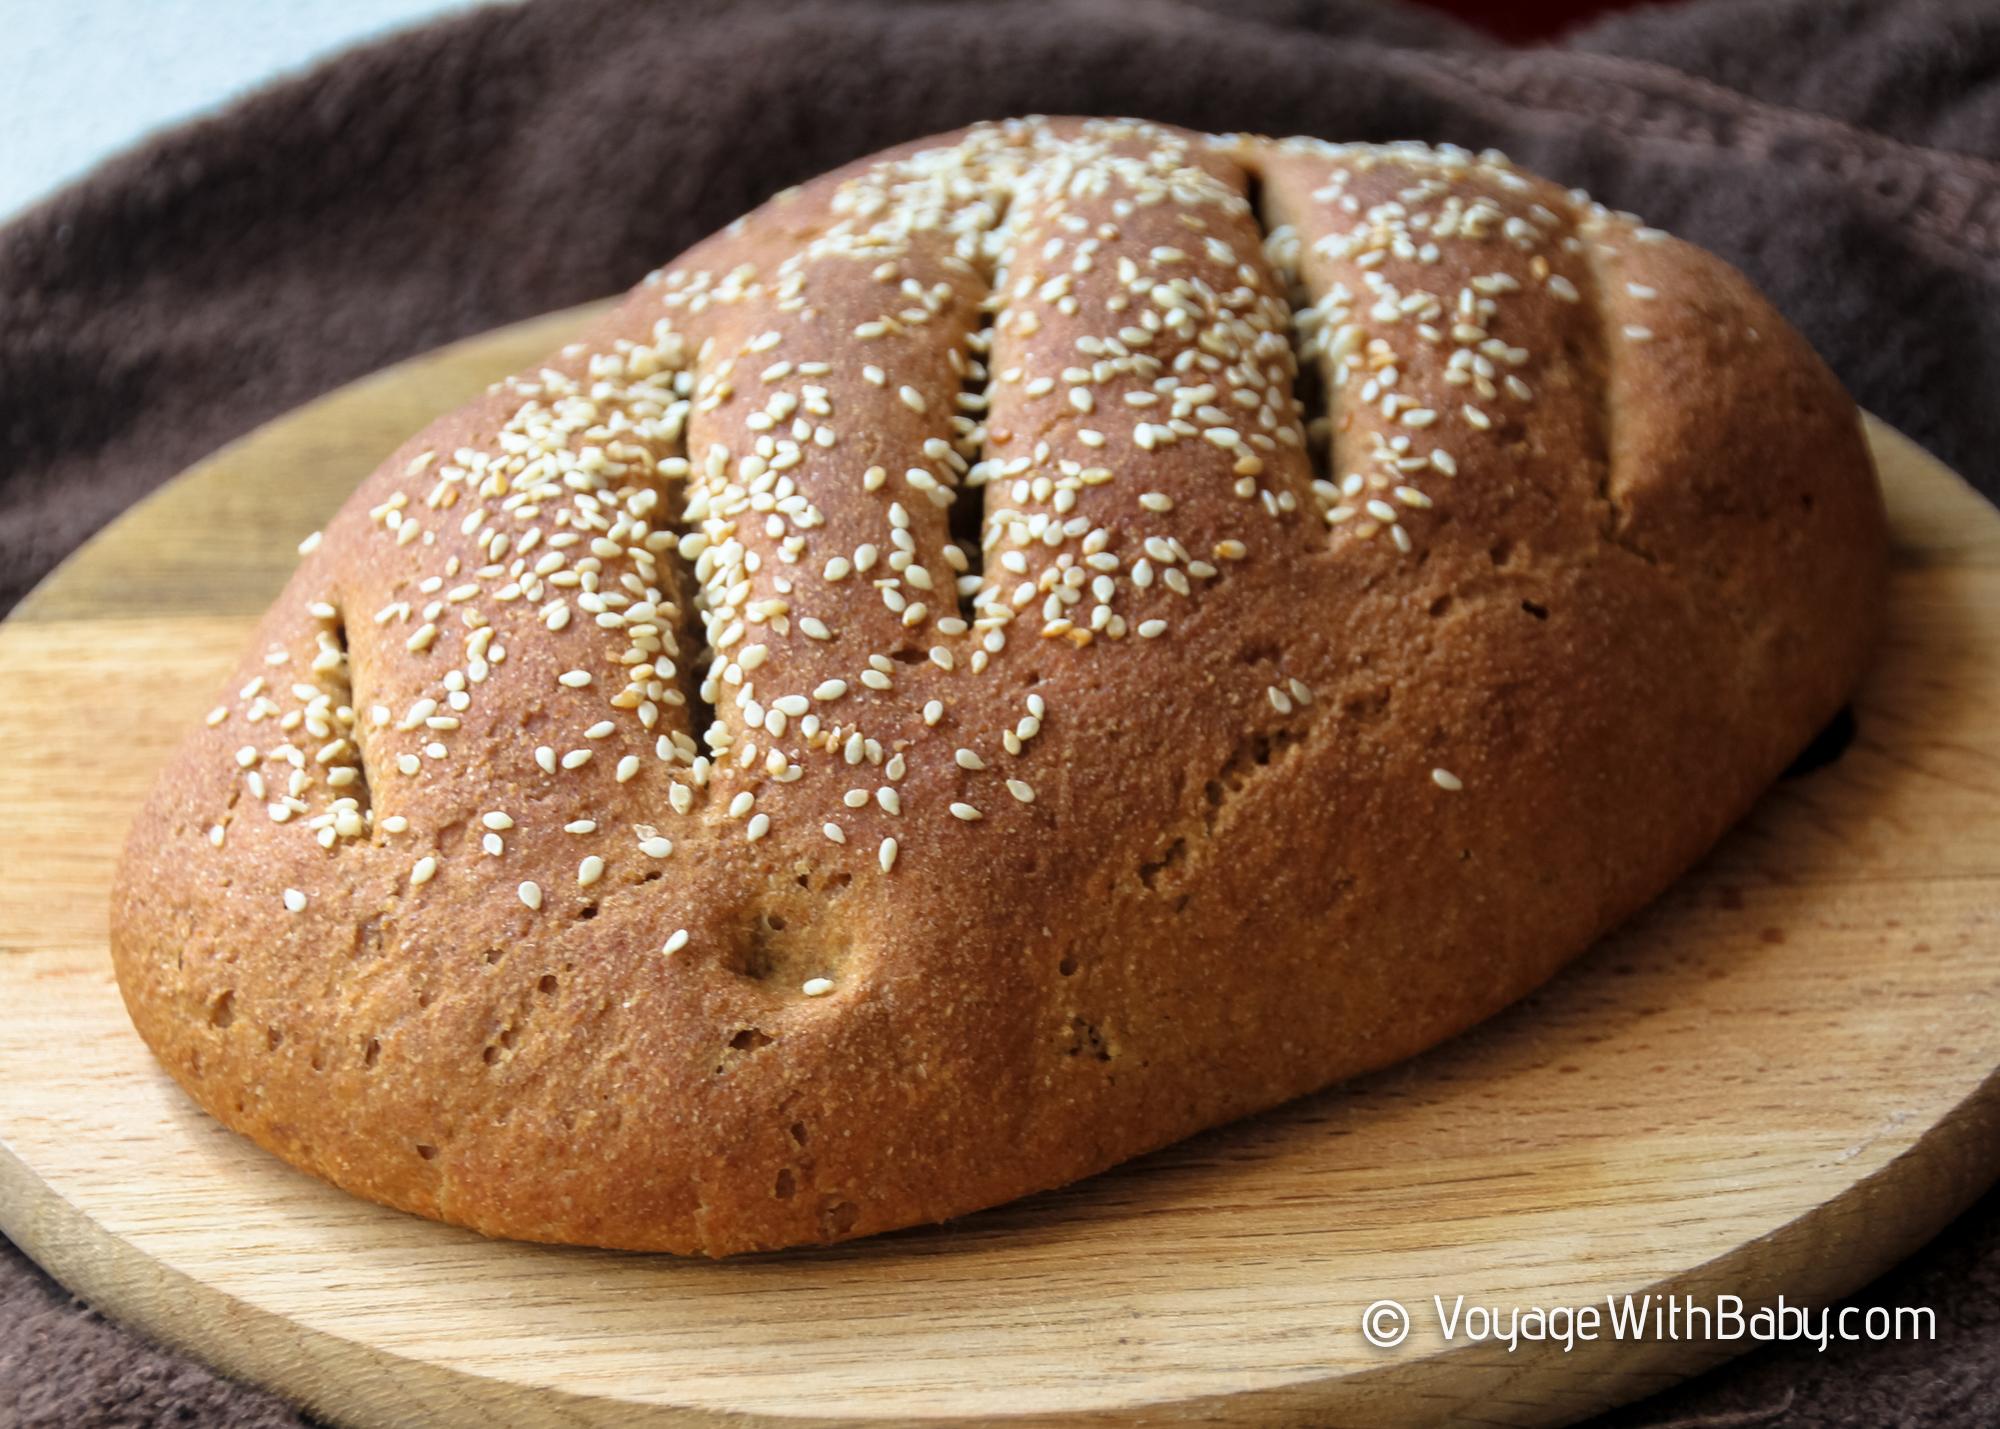 Вкусный домашний бездрожевой хлеб - Рецепт ржаной закваски и пшенично-ржаного хлеба